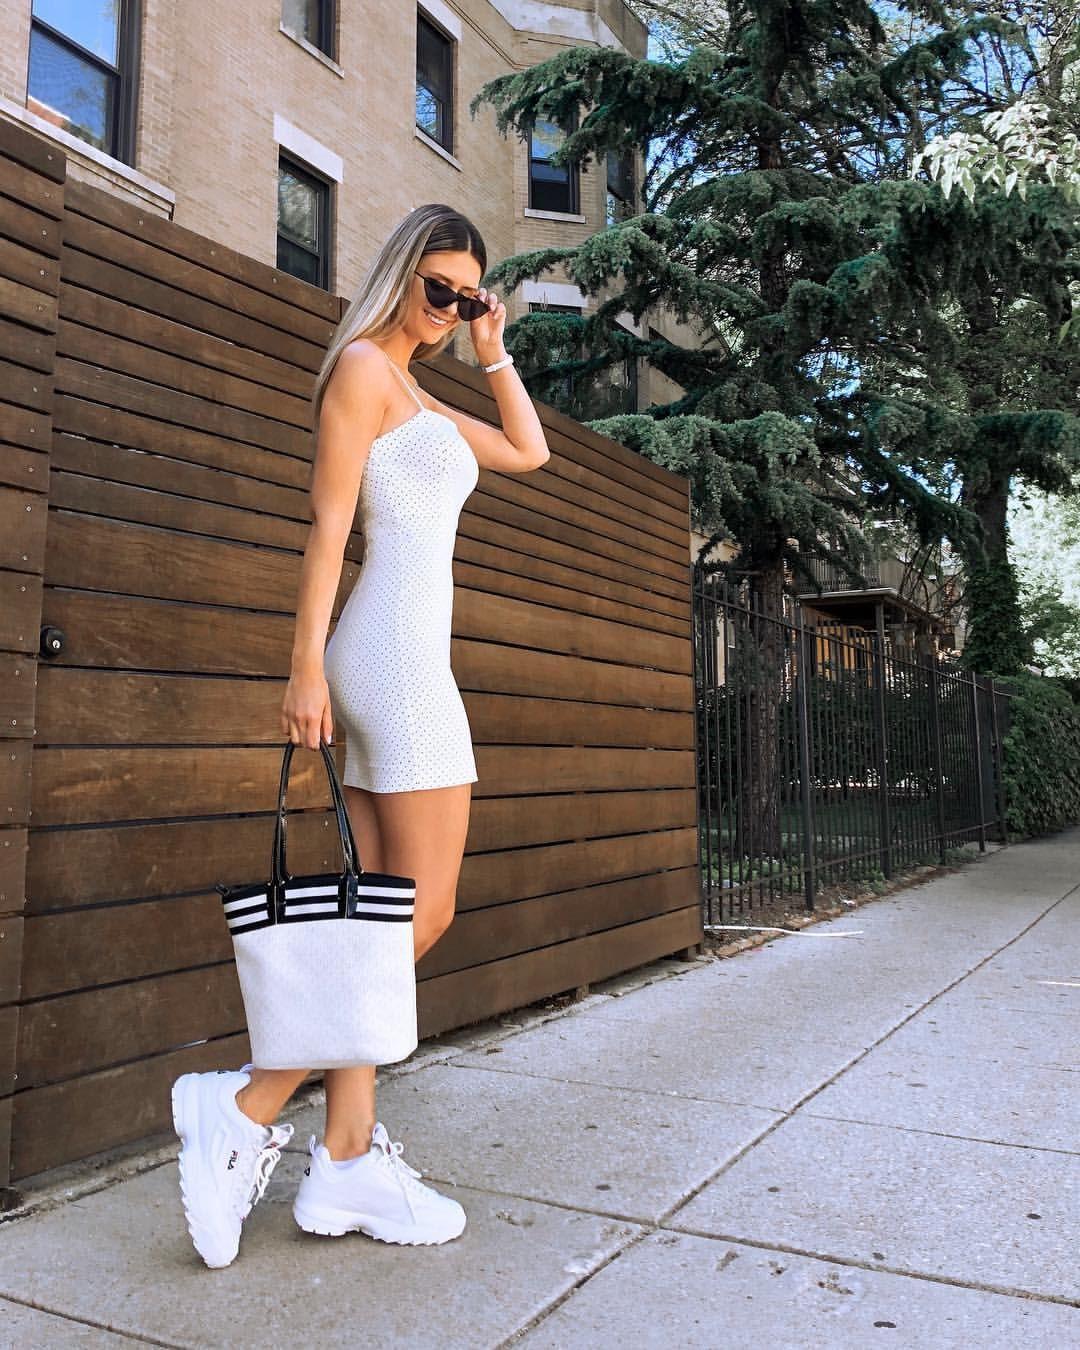 fila disruptor with mini dress